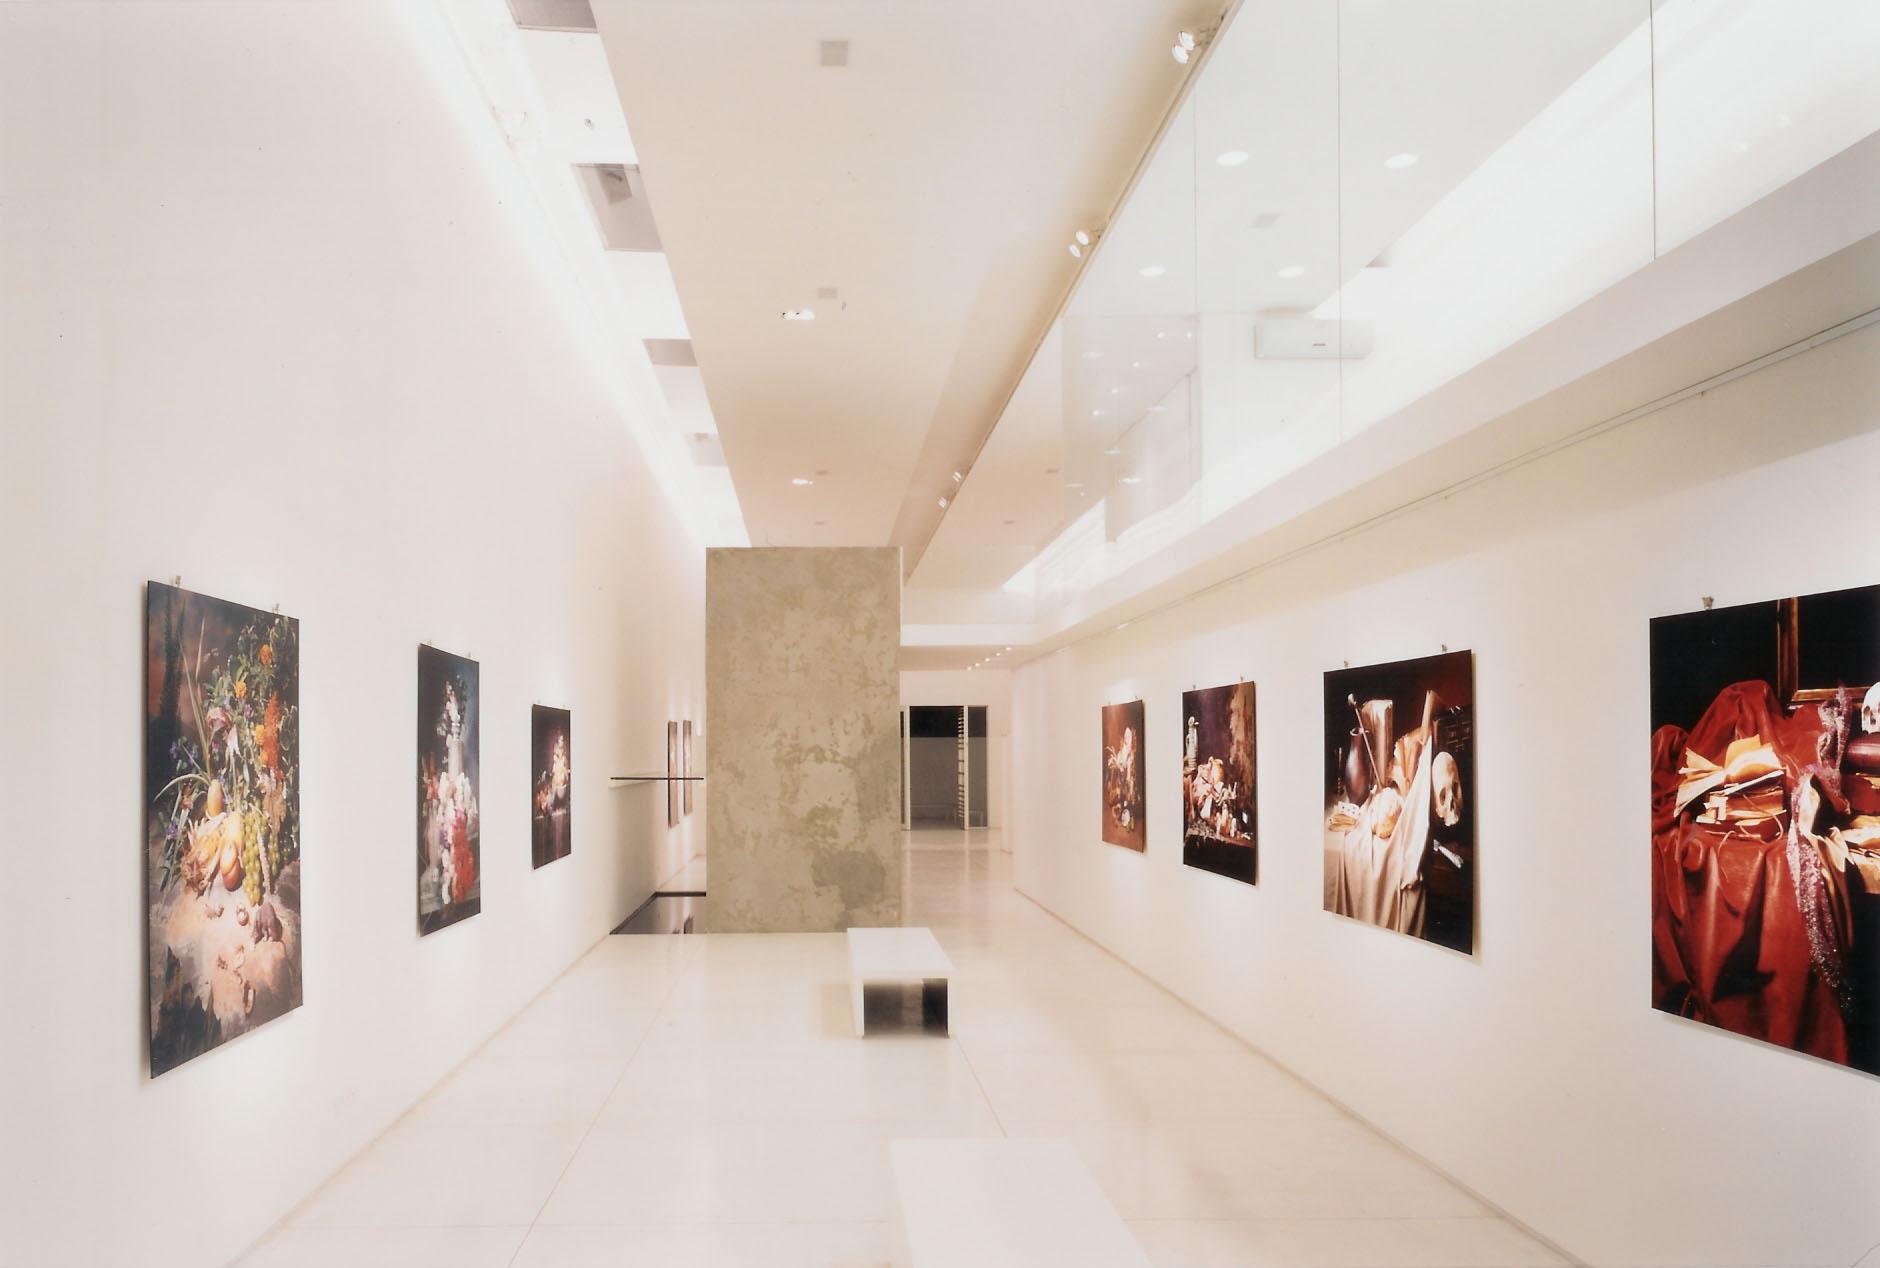 galeria atelier vanguarda